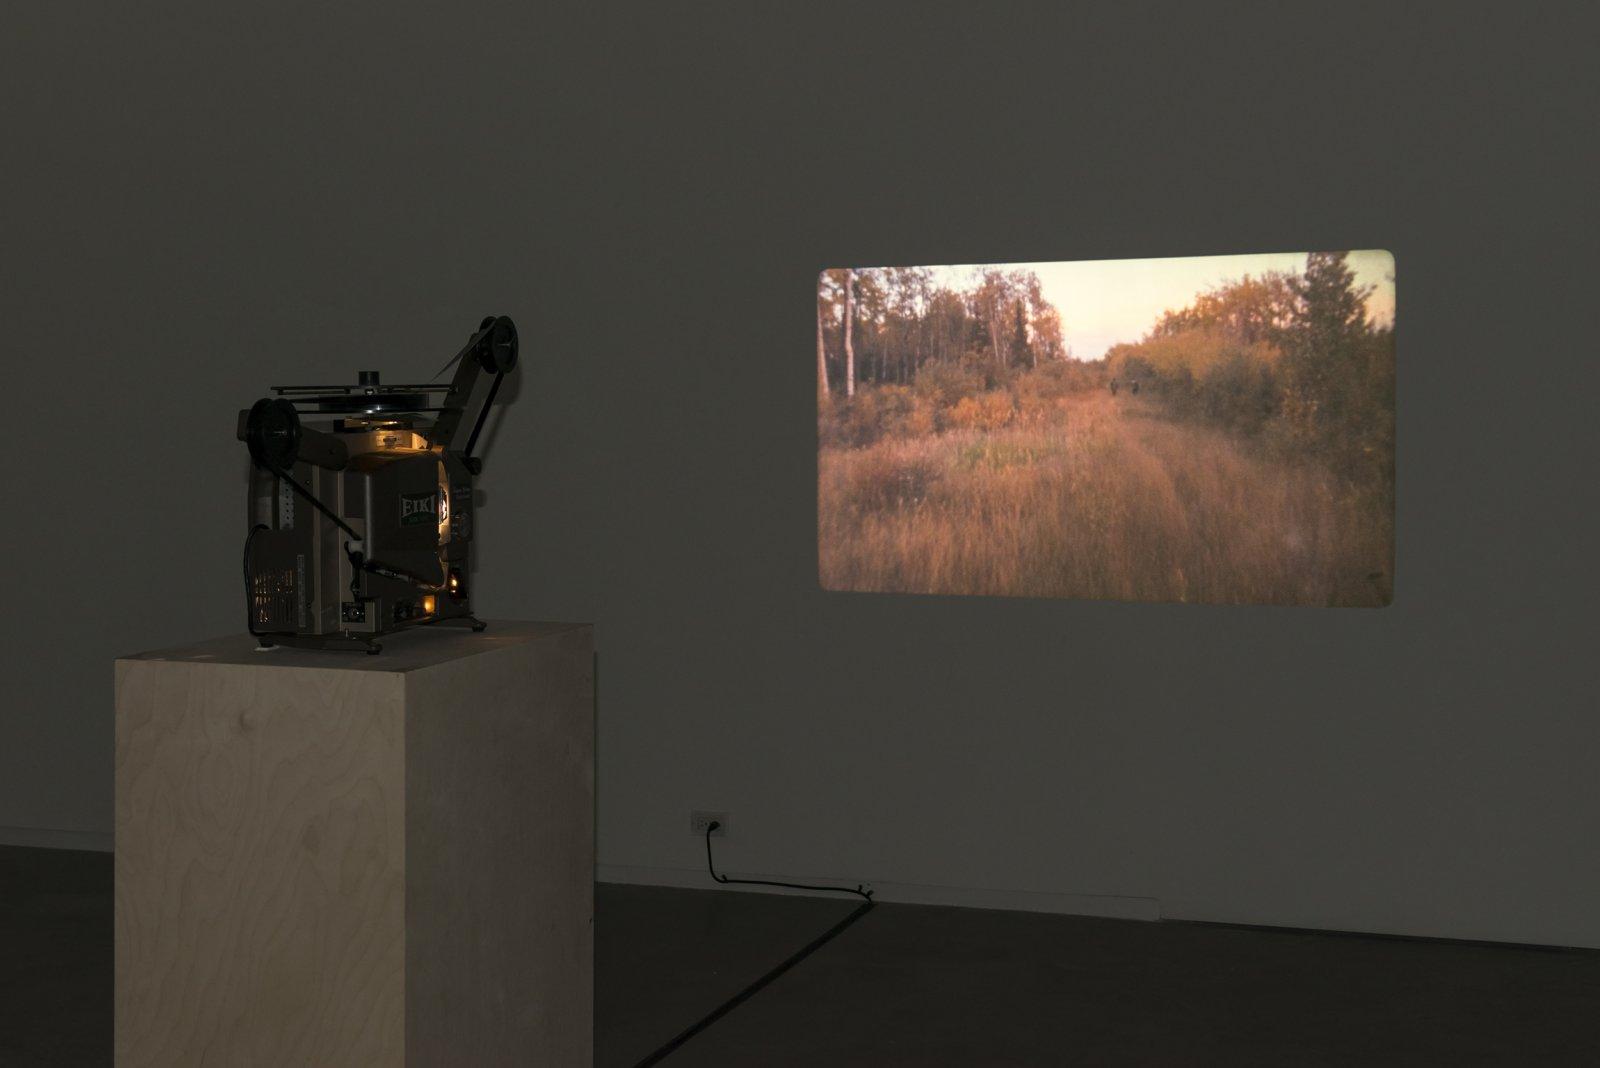 Brian Jungen and Duane Linklater,Stalker, 2013, super 16mm film loop on projector, 2 minutes, 54 seconds